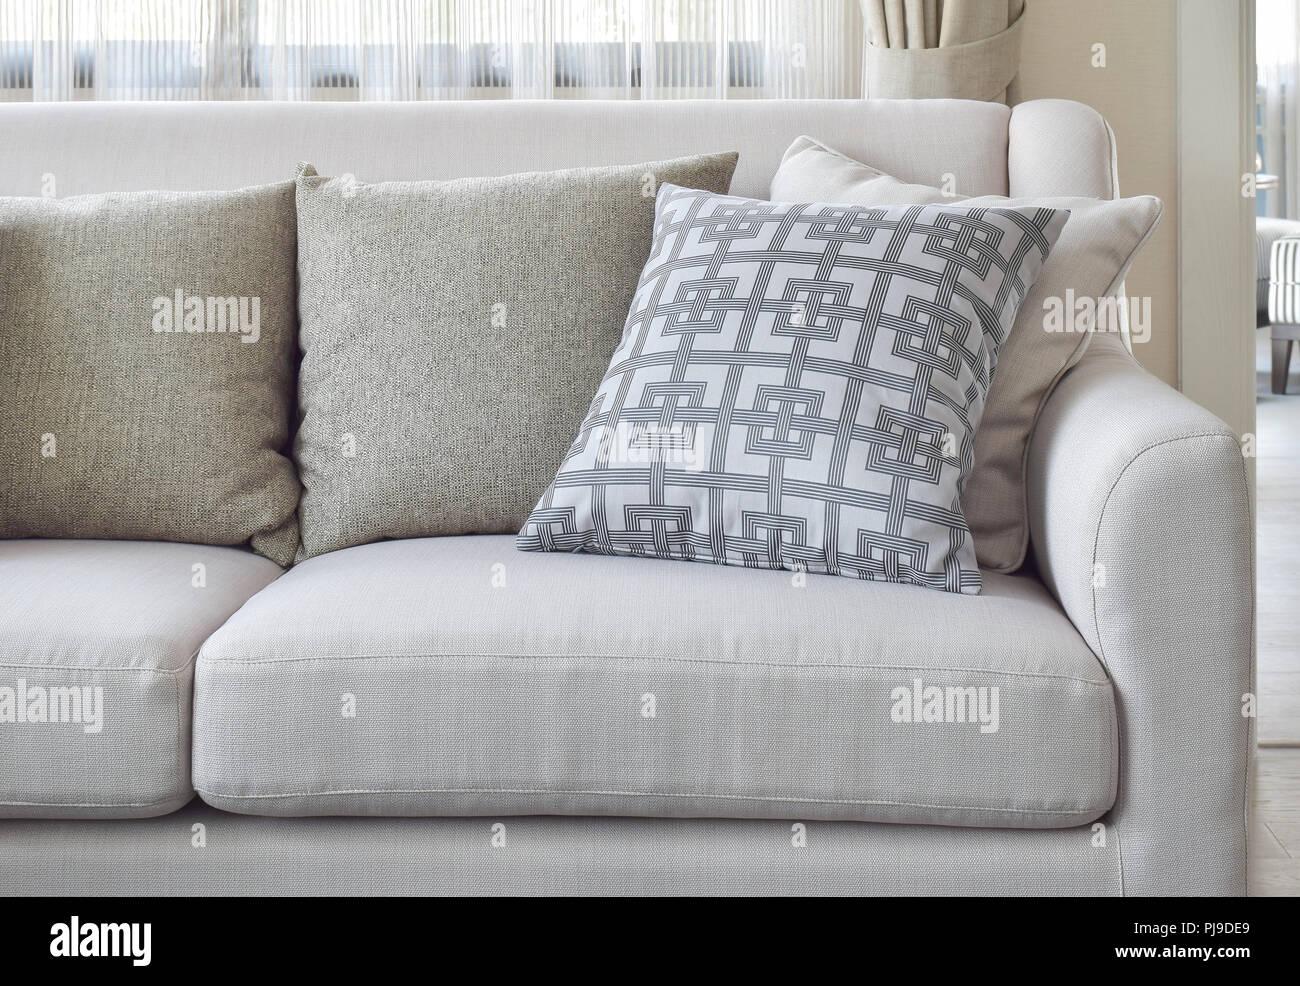 Cuscini Beige.Motivi E Texture Cuscini Beige Sul Divano Del Soggiorno Foto